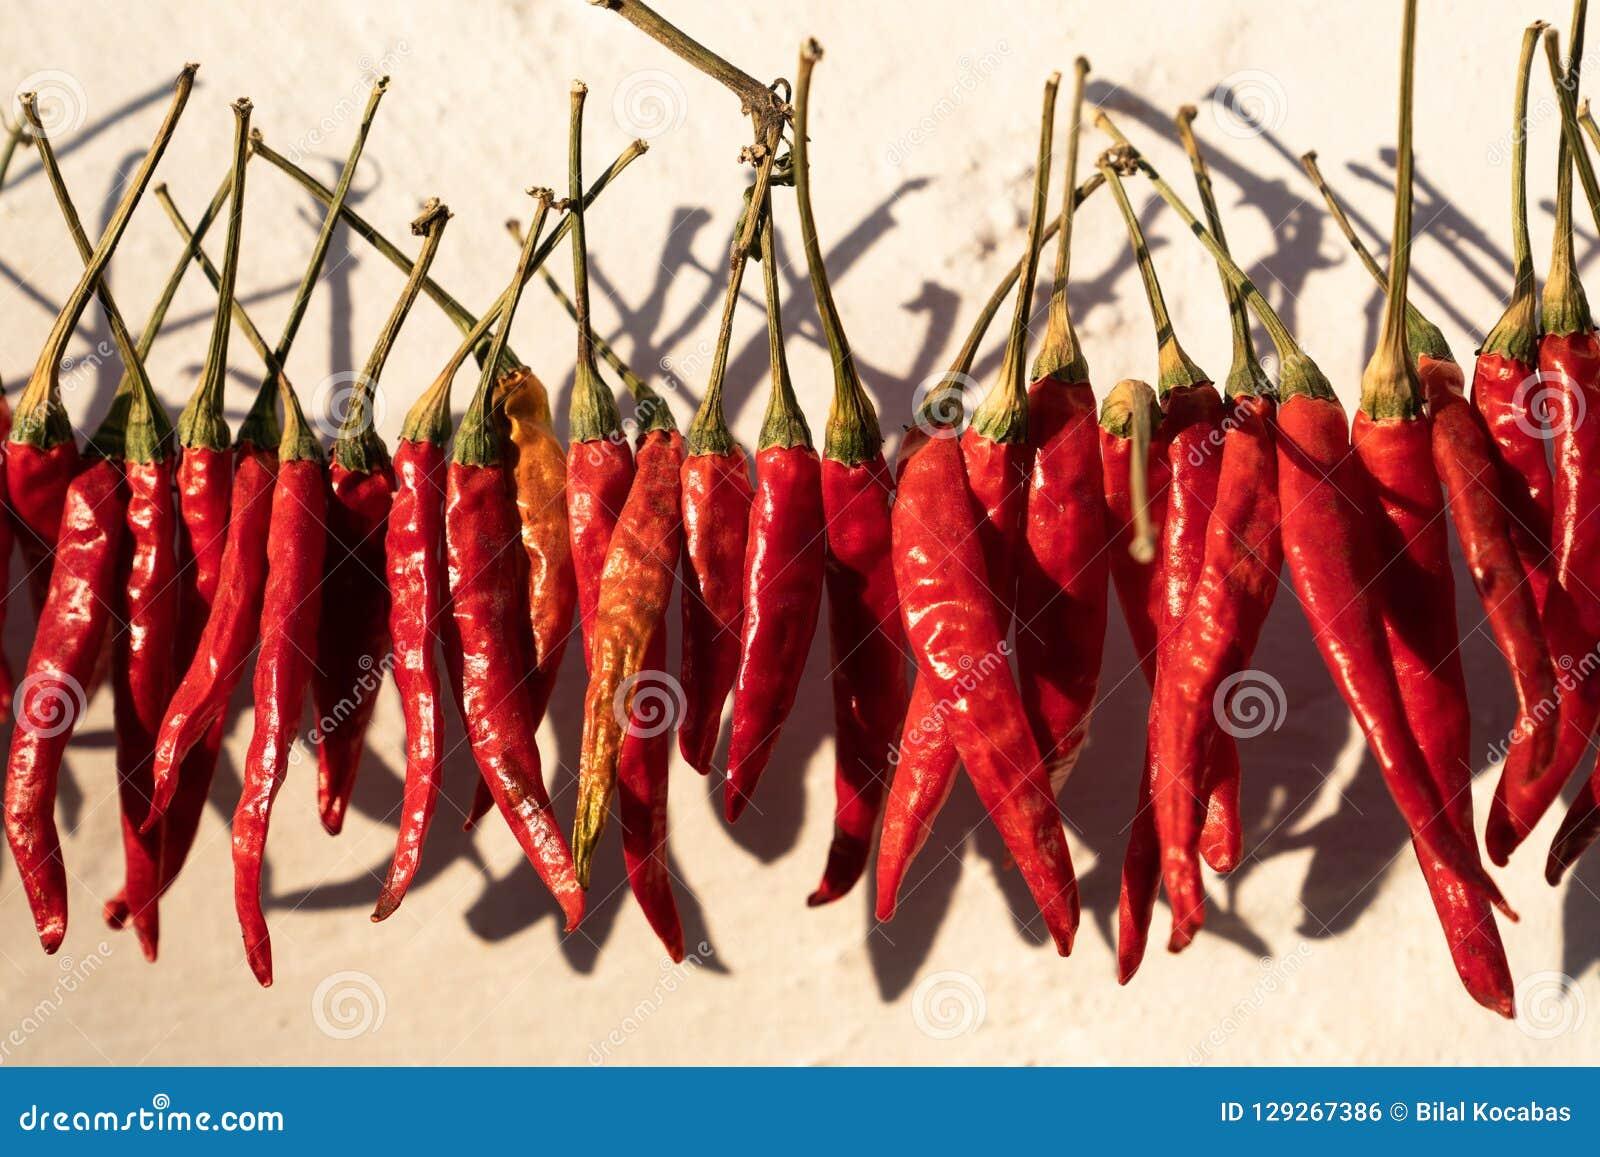 Röda peppar som hänger för att torka i solsken utanför ett hus